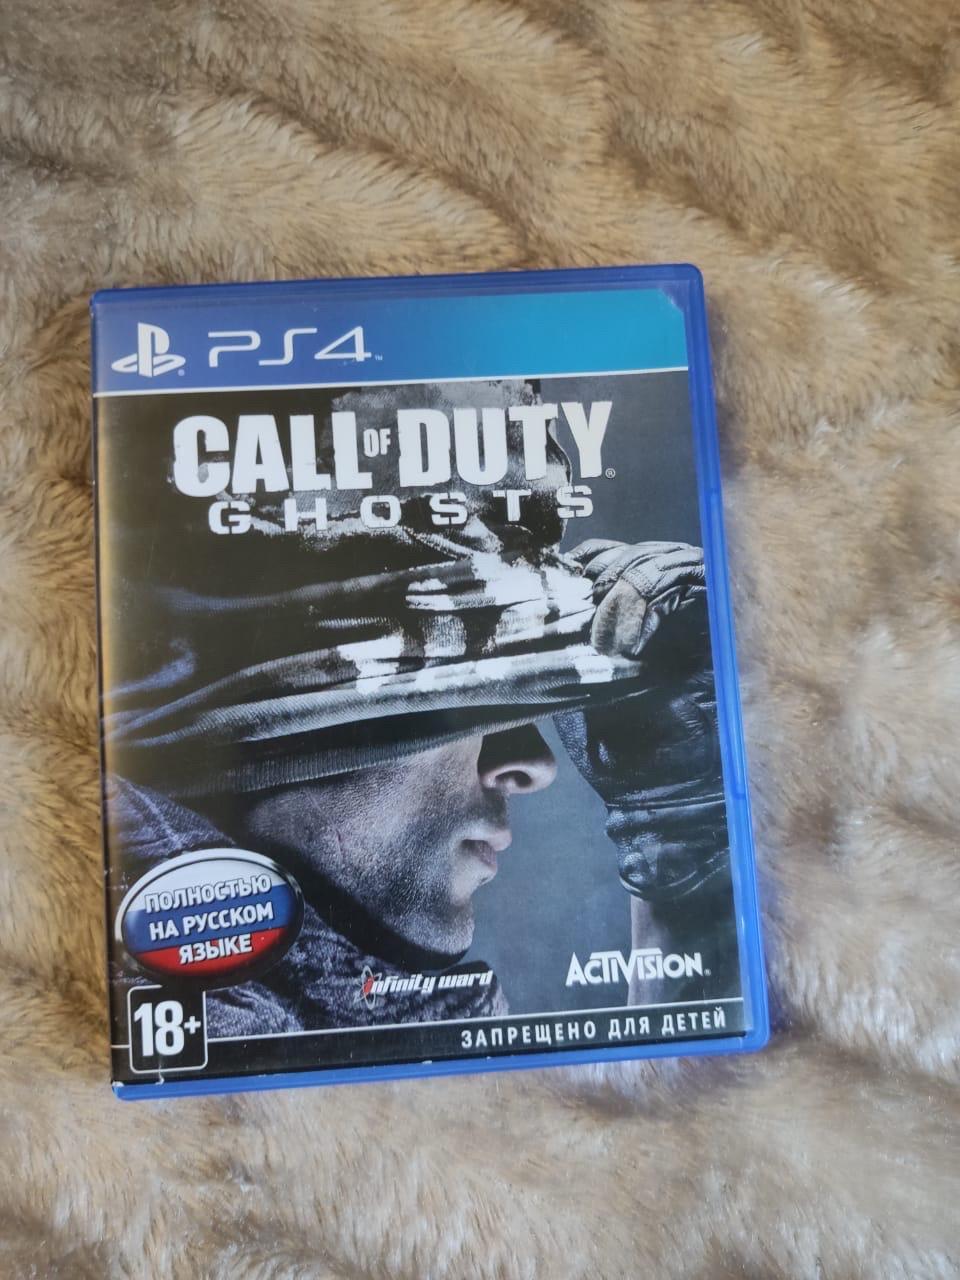 Call of duty ghosts ps4 в Москве 89266884320 купить 1